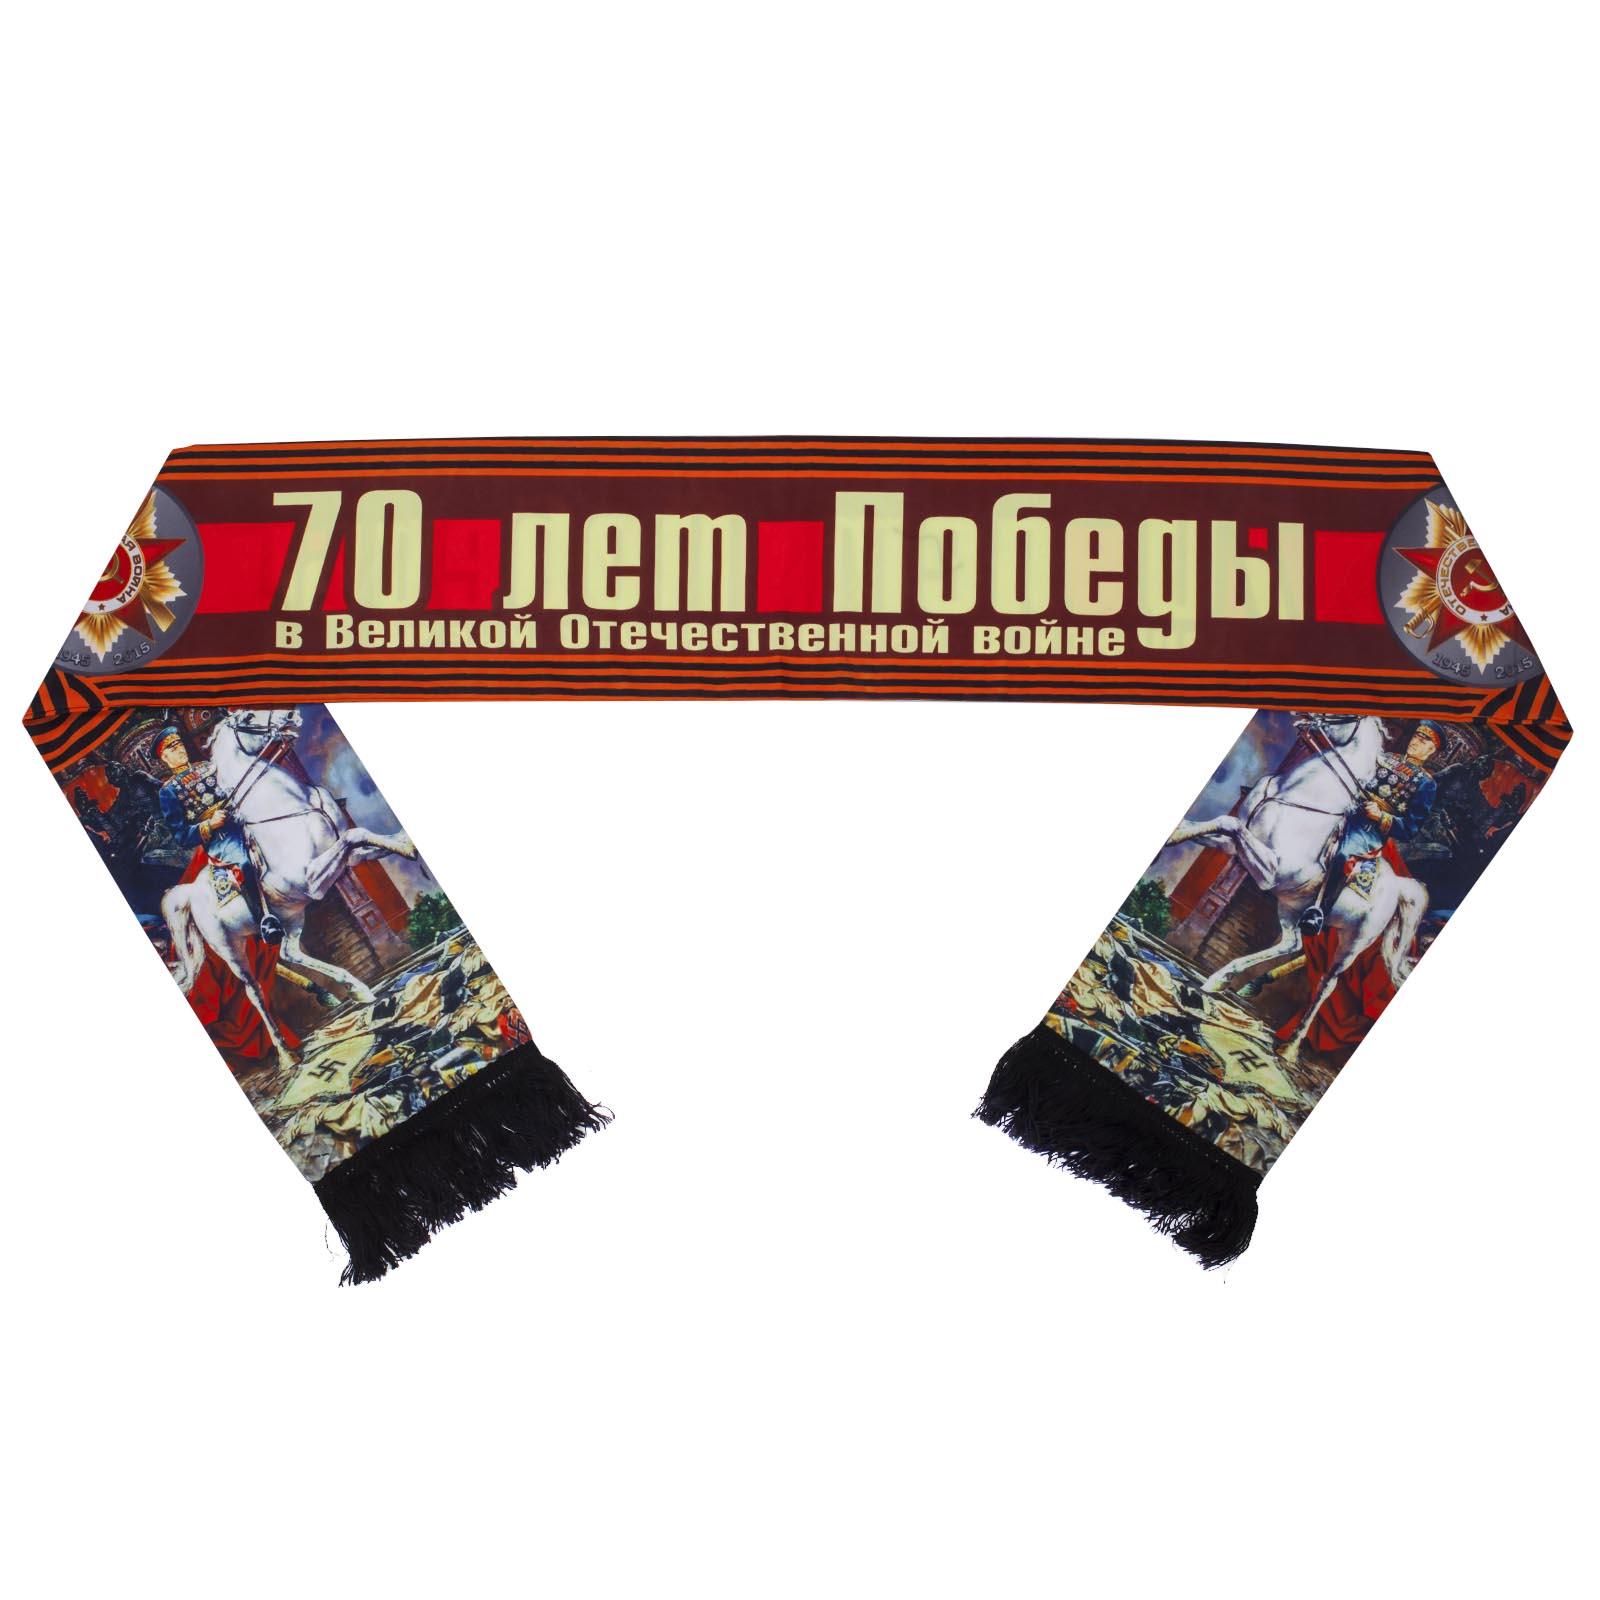 Шёлковый шарф ко Дню Победы.